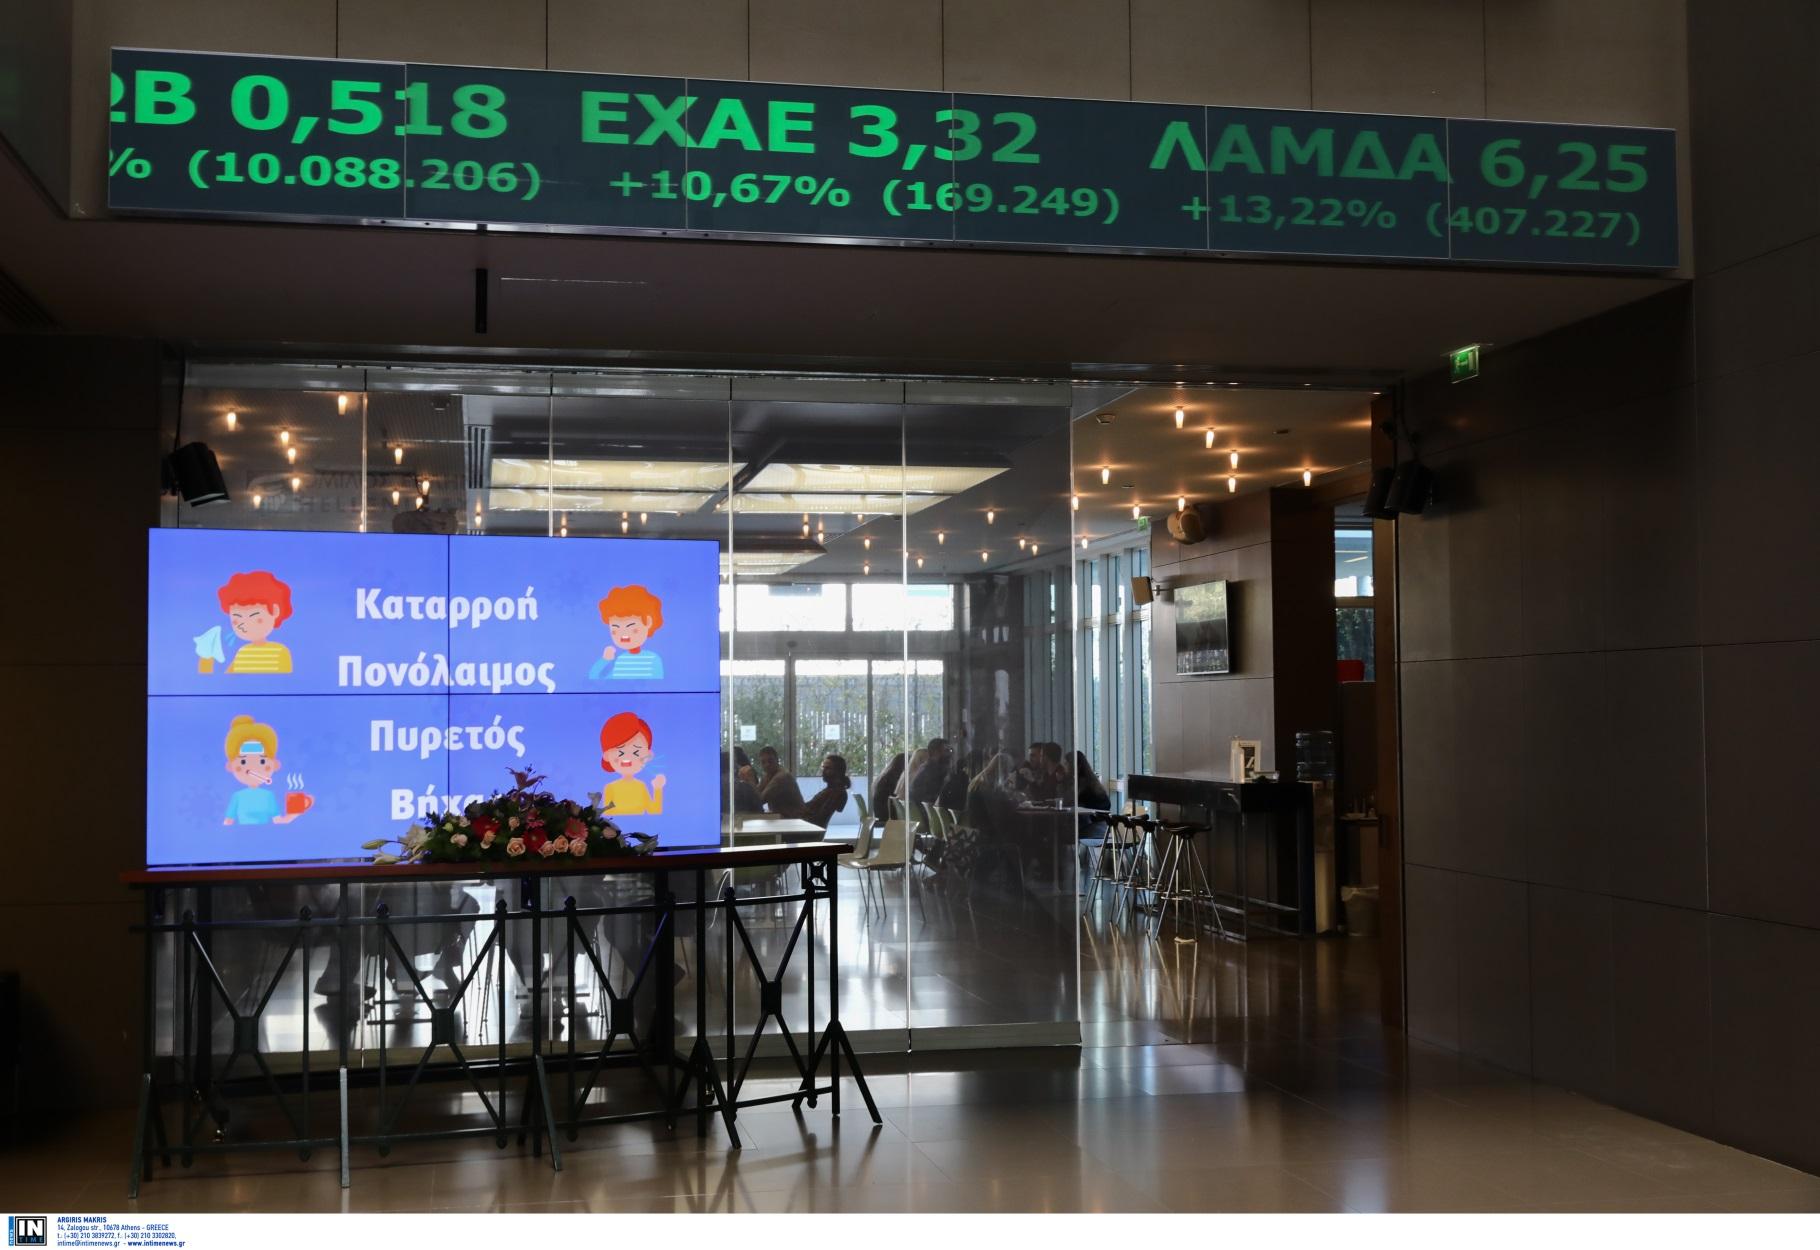 Χρηματιστήριο από τα… παλιά! Υψηλά κέρδη 4,46% – Σούπερ άνοδος 7,22% στις τράπεζες